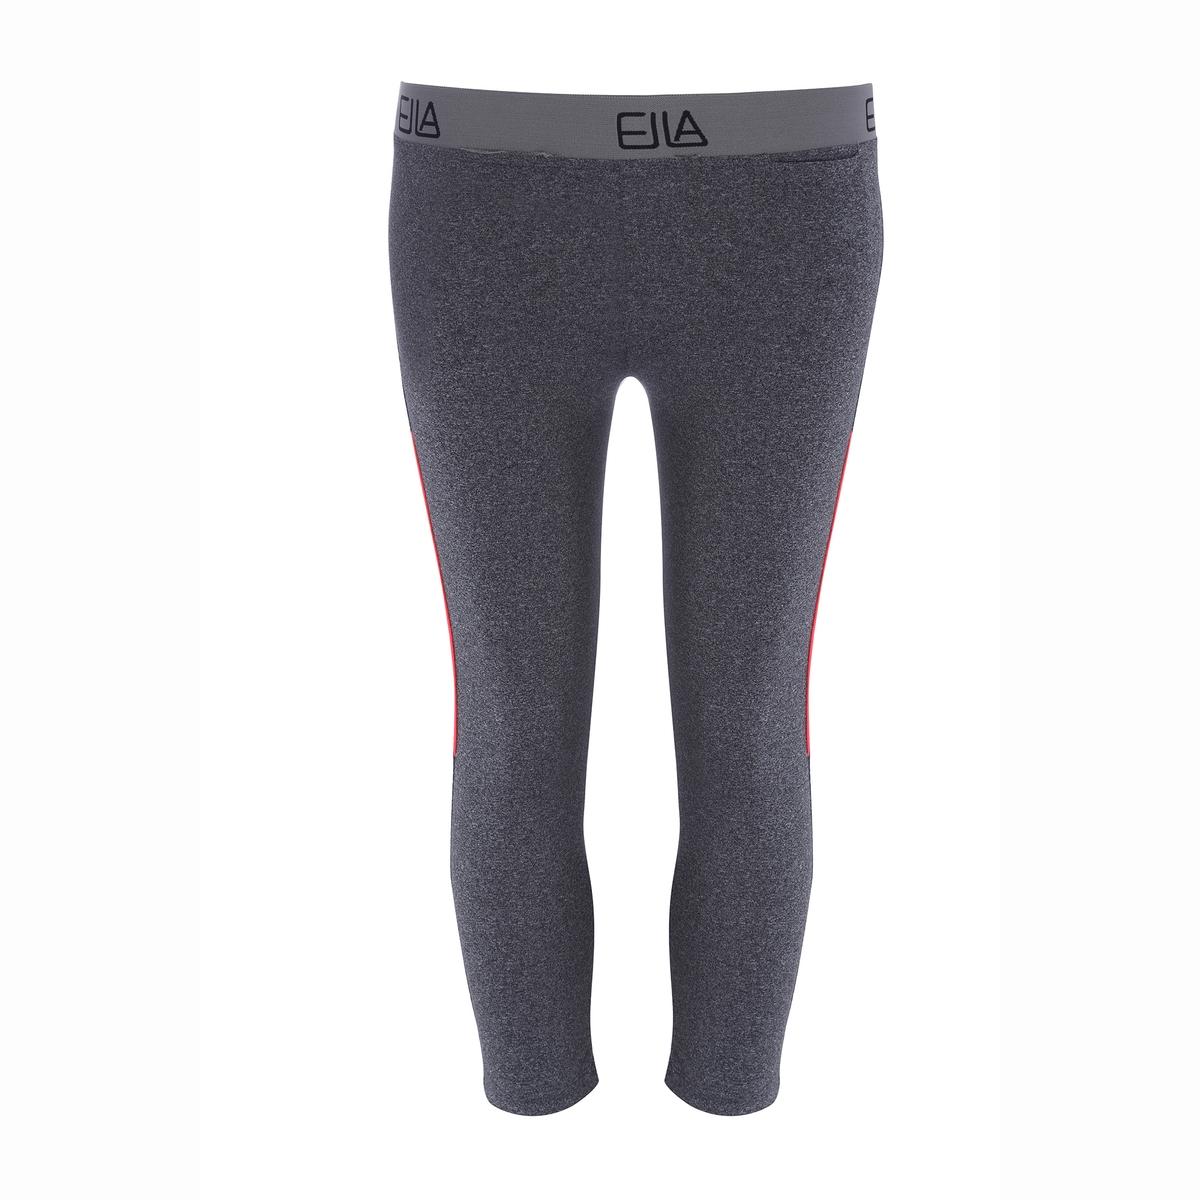 Брюки узкие короткие CHARLIEУзкие брюки 3/4 CHARLIE, антрацитовый меланж с флуоресцентными вставками.  Нежный облегающий материал, 10% стрейч и регуляция влажности. Машинная стирка при 30°C. 90% полиэстера, 10% эластана.<br><br>Цвет: антрацит<br>Размер: S